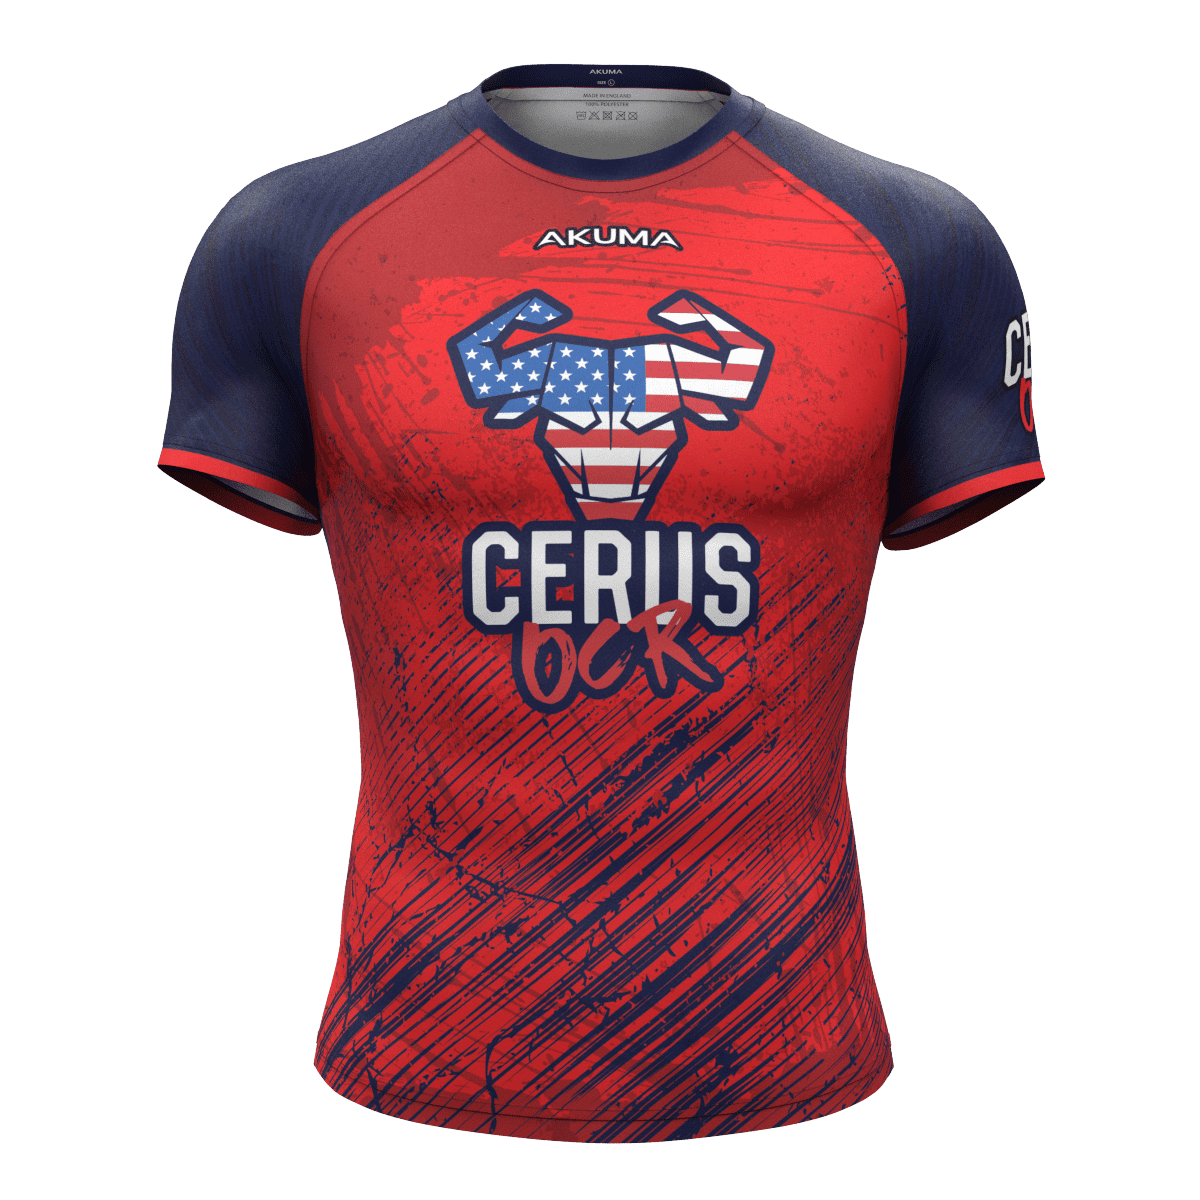 Cerus Women's Liberty Jersey by Akuma